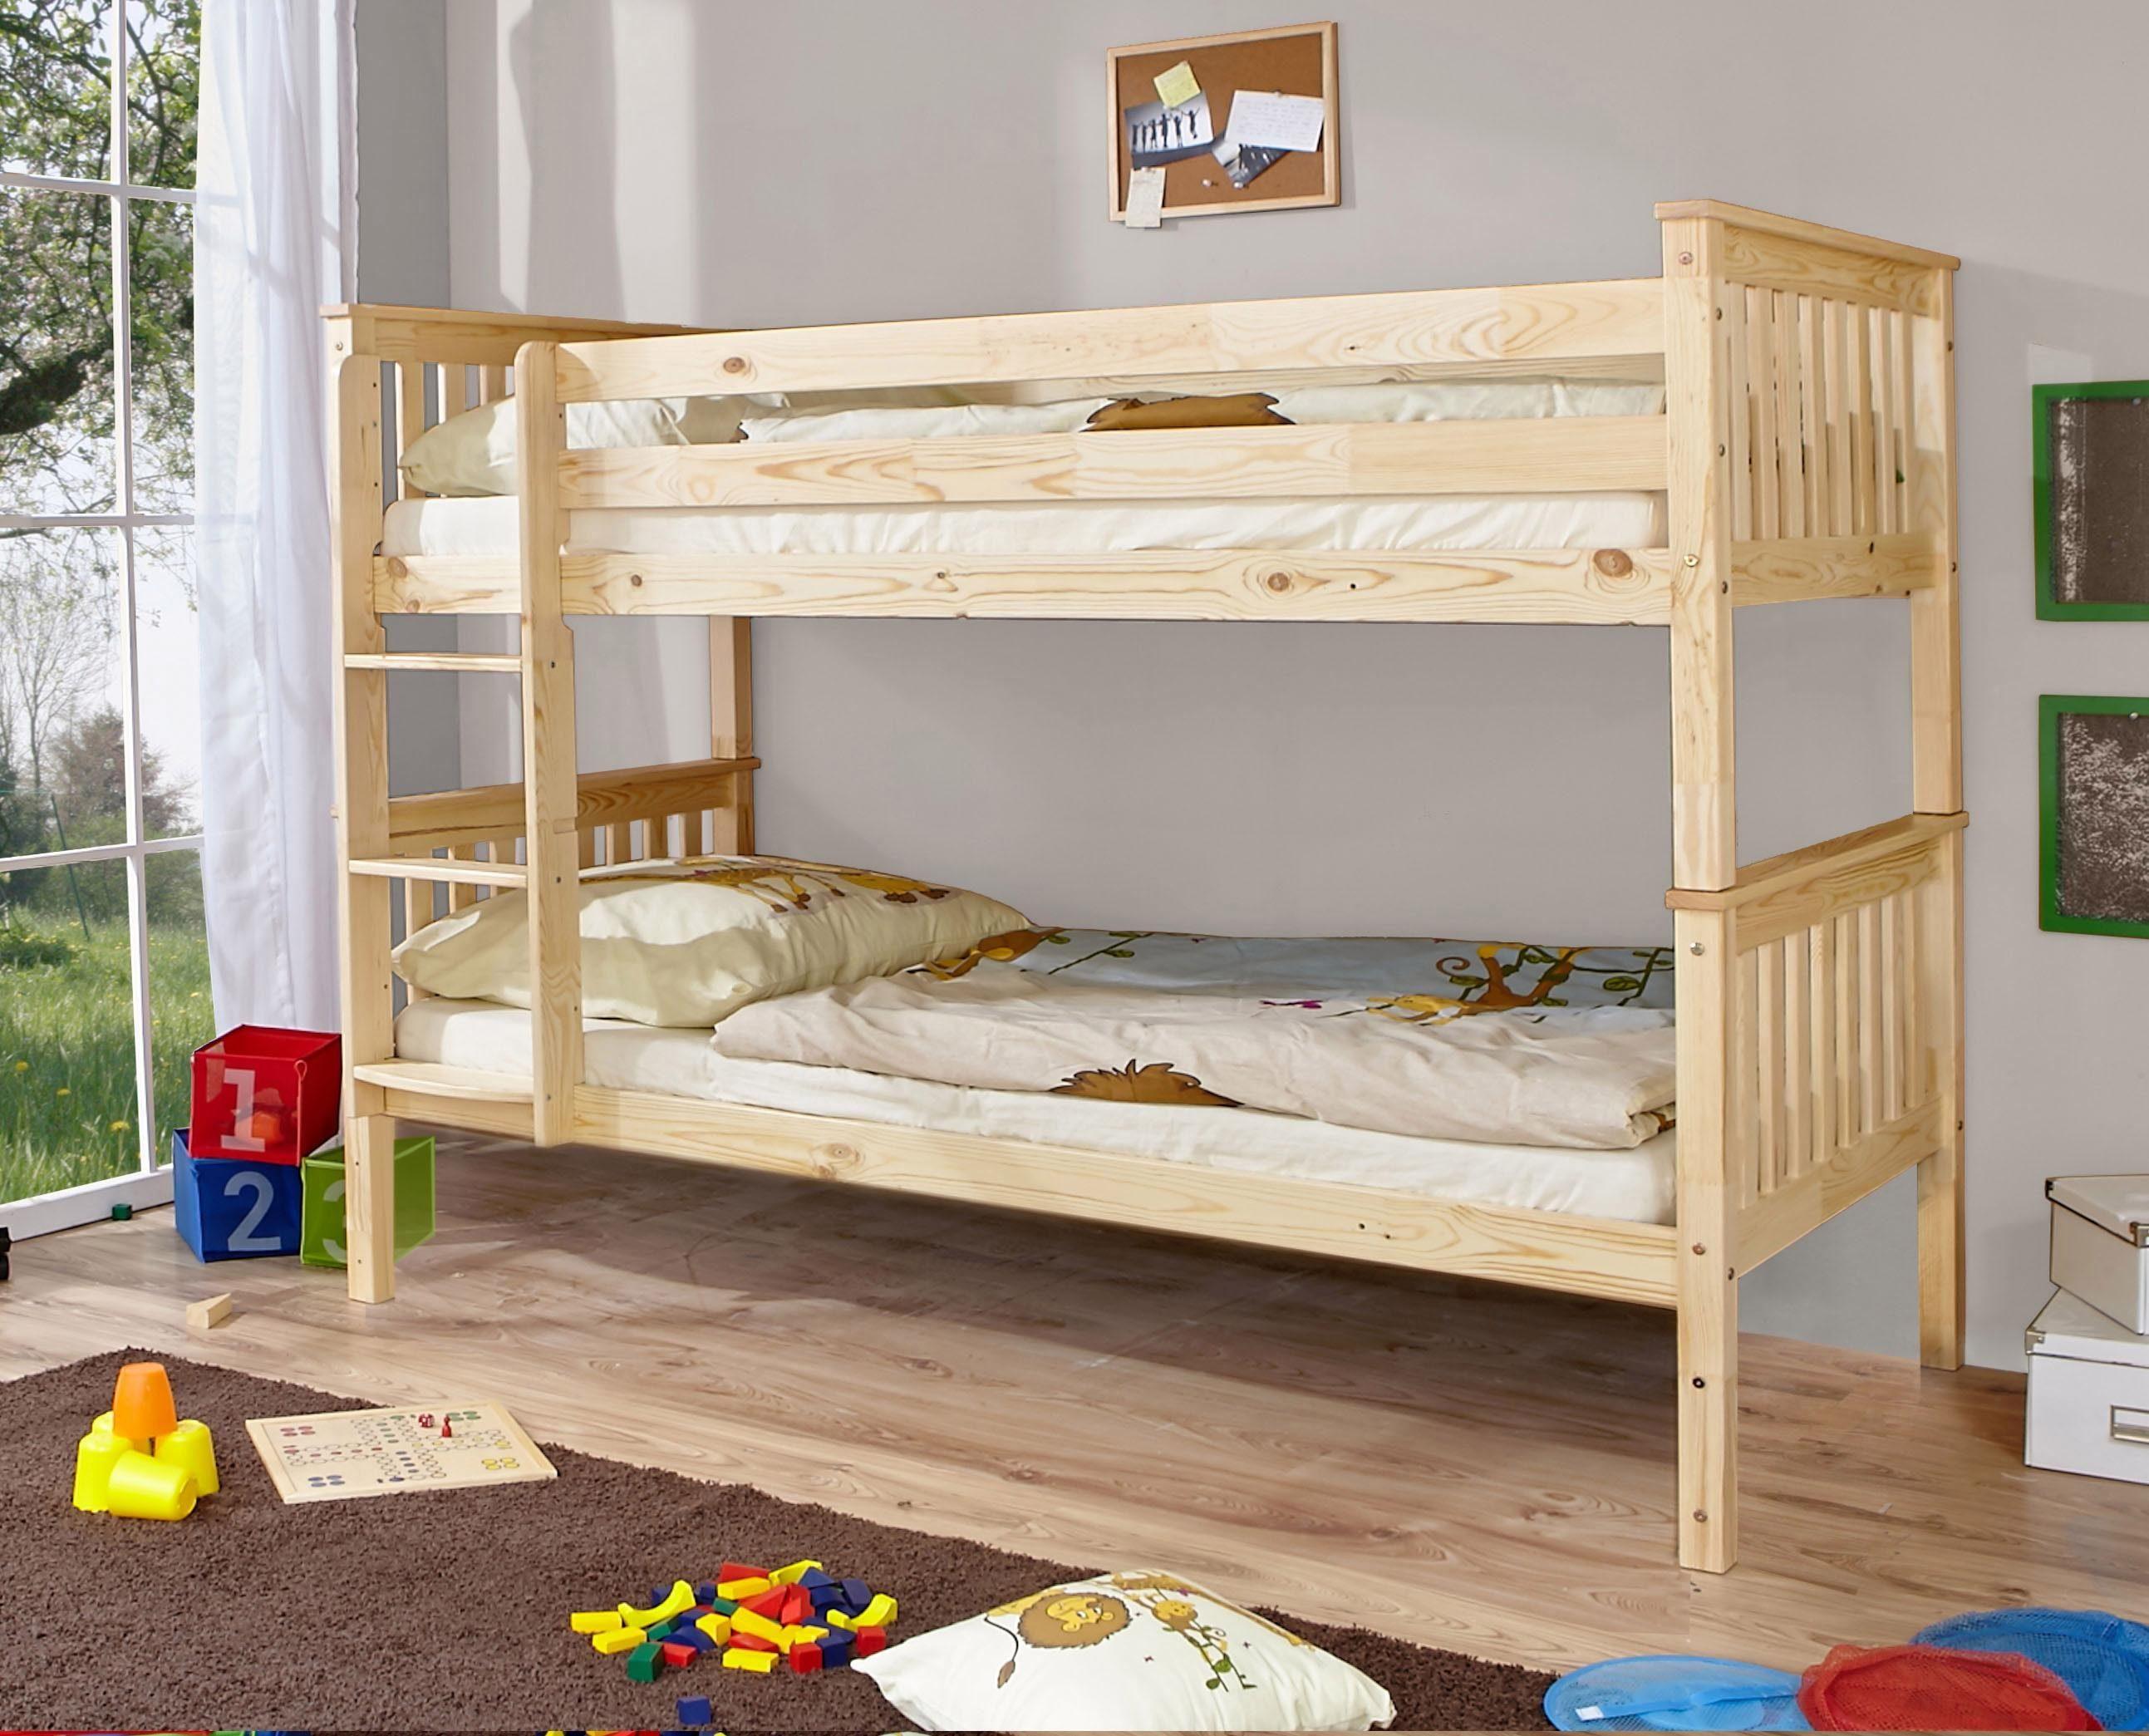 Etagenbett Rene : Ticaa einzel etagenbett sammy« online kaufen otto